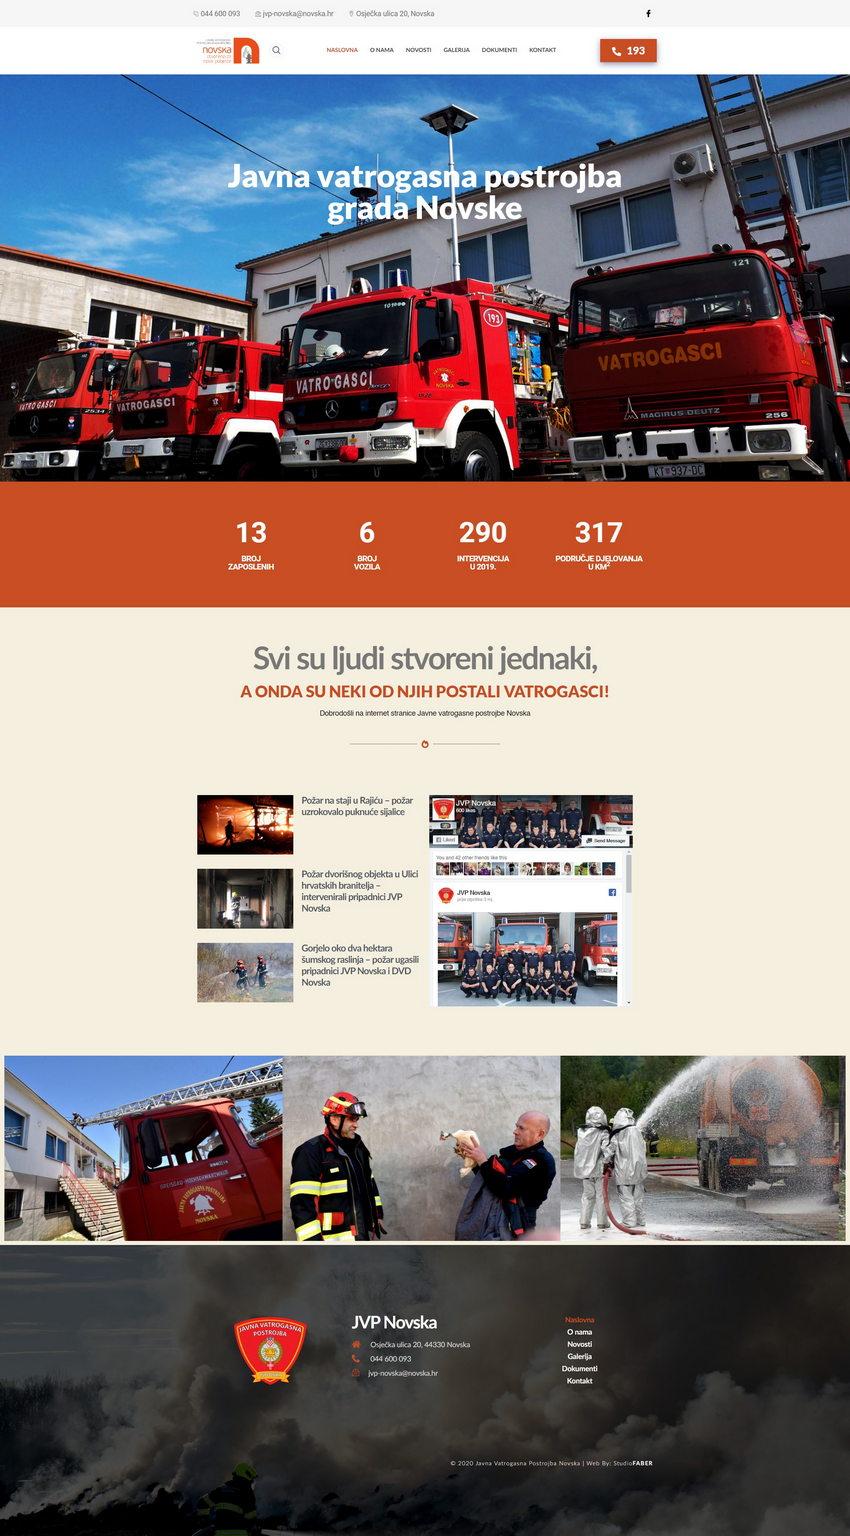 Javna vatrogasna postrojba Grada Novske